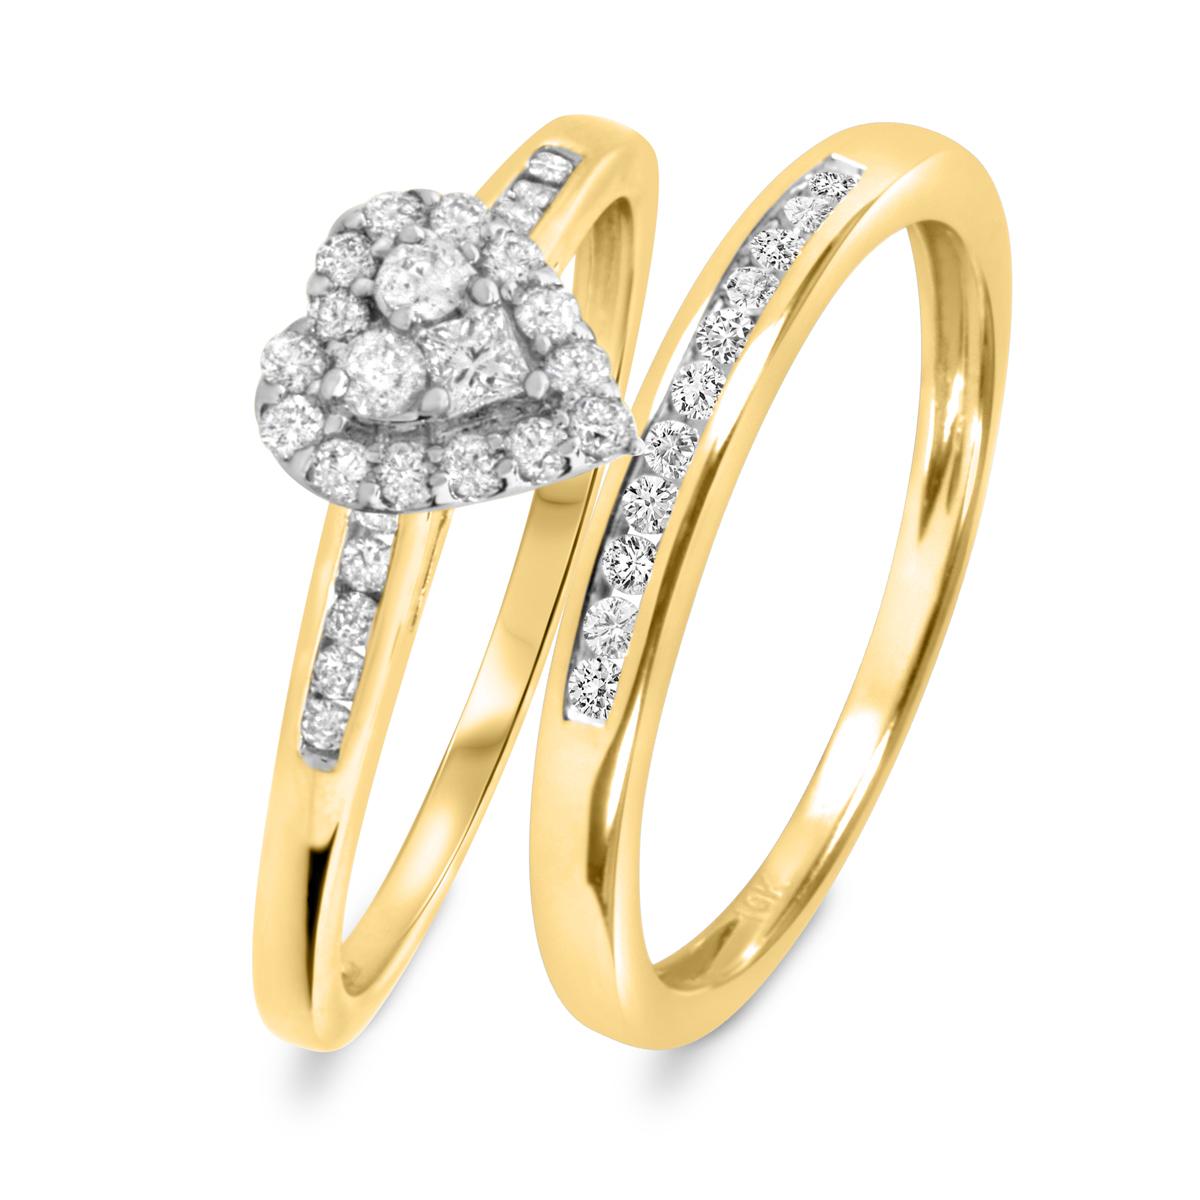 1/2 Carat T.W. Round Cut Diamond Ladies Bridal Wedding Ring Set 10K Yellow Gold